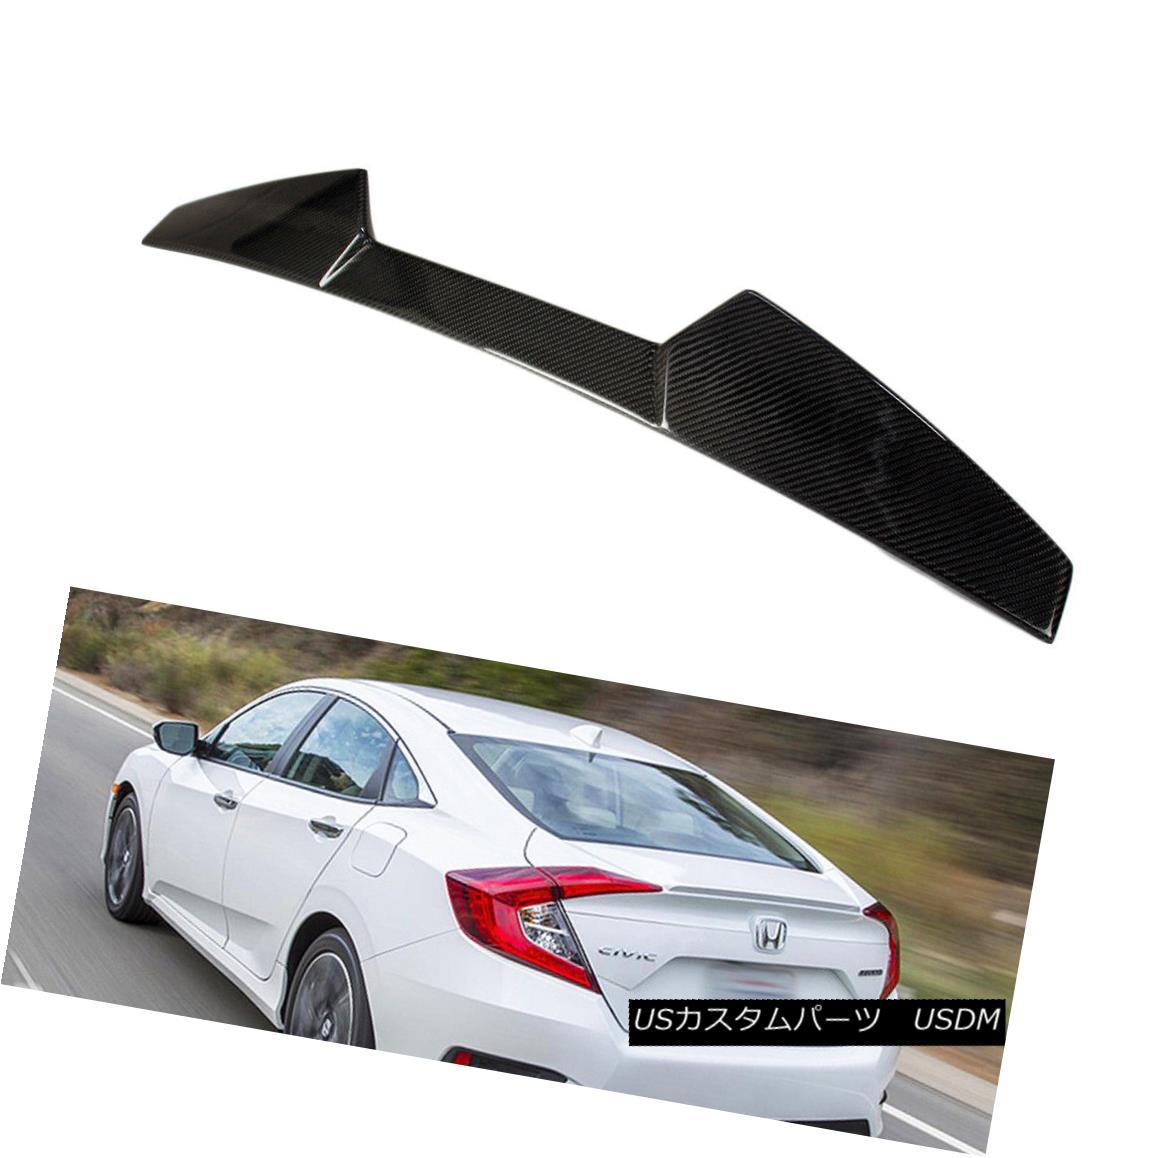 エアロパーツ Carbon Fiber For Honda Civic 2018 Spoiler EX-L 10th X Sedan V Look Roof Spoiler 2018 EX-L EX-T ホンダシビック10th XセダンVルーフスポイラー2018 EX-L EX-T用カーボンファイバー, ニットのお店キラキラ星:a3bd62b3 --- sunward.msk.ru